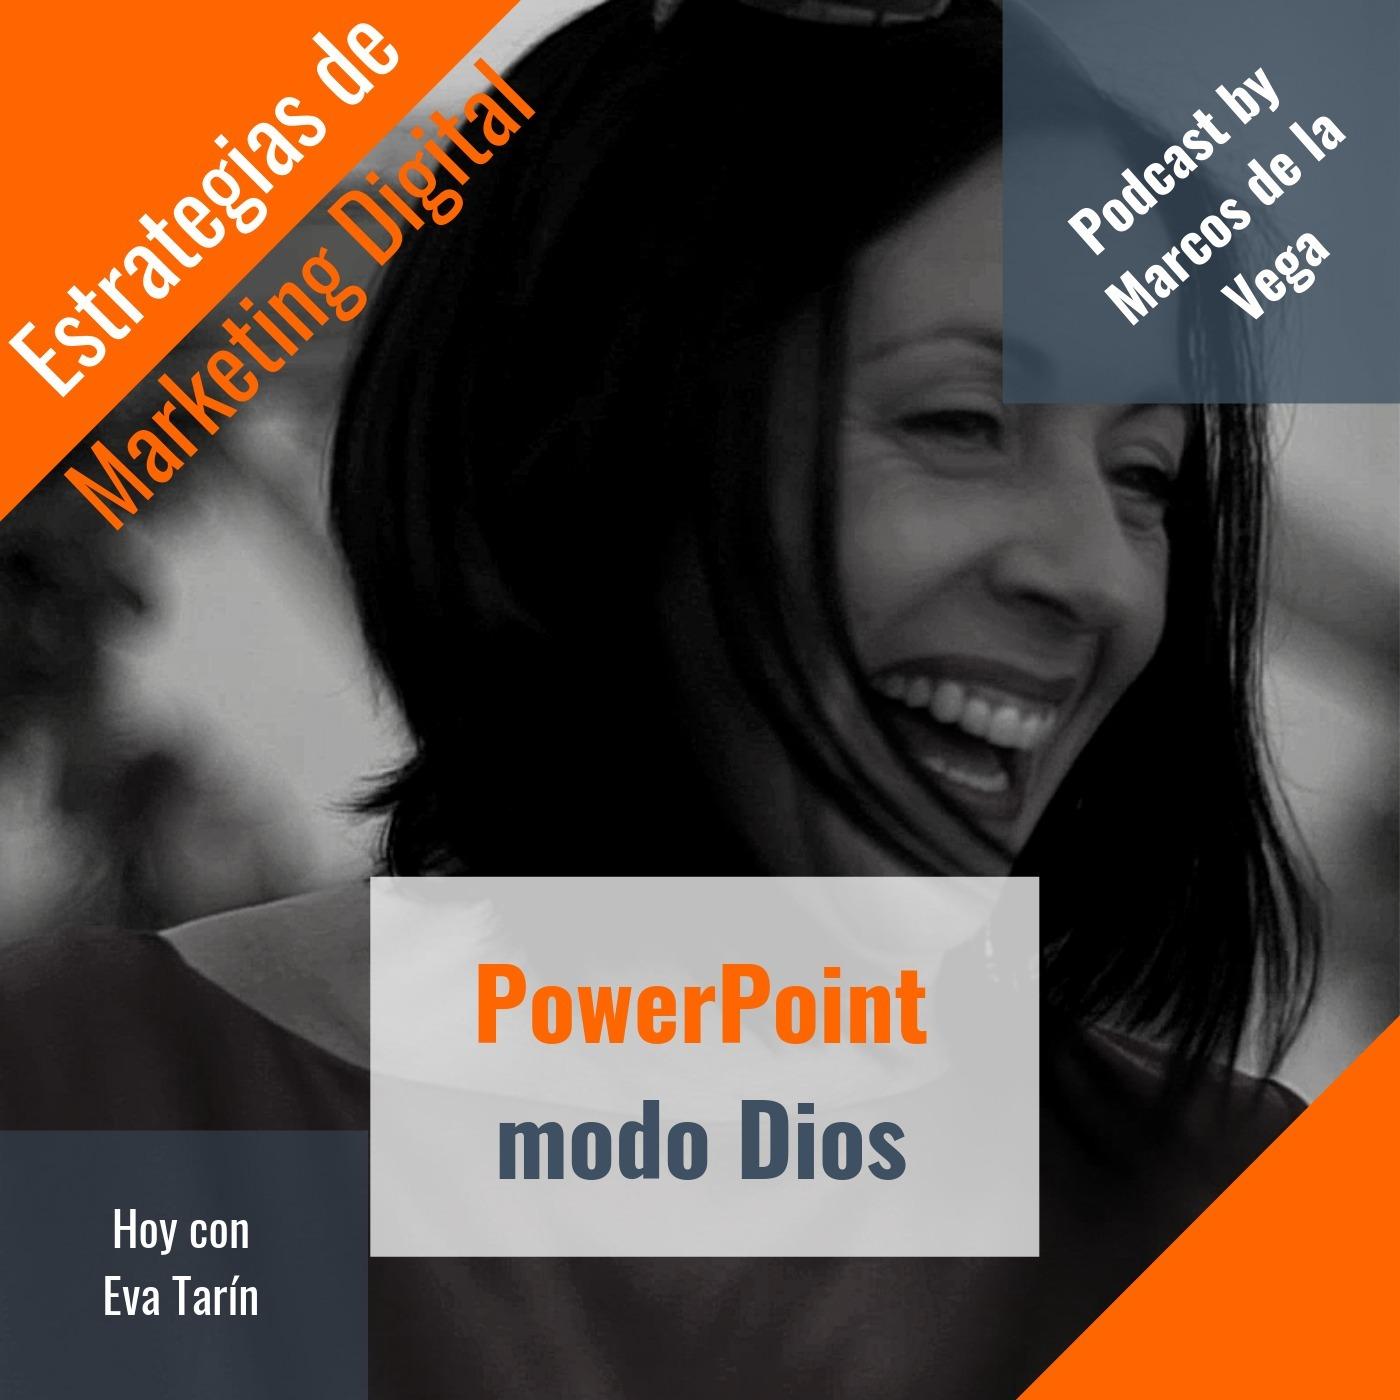 Episodio 10 - PowerPoint modo Dios con Eva Tarín